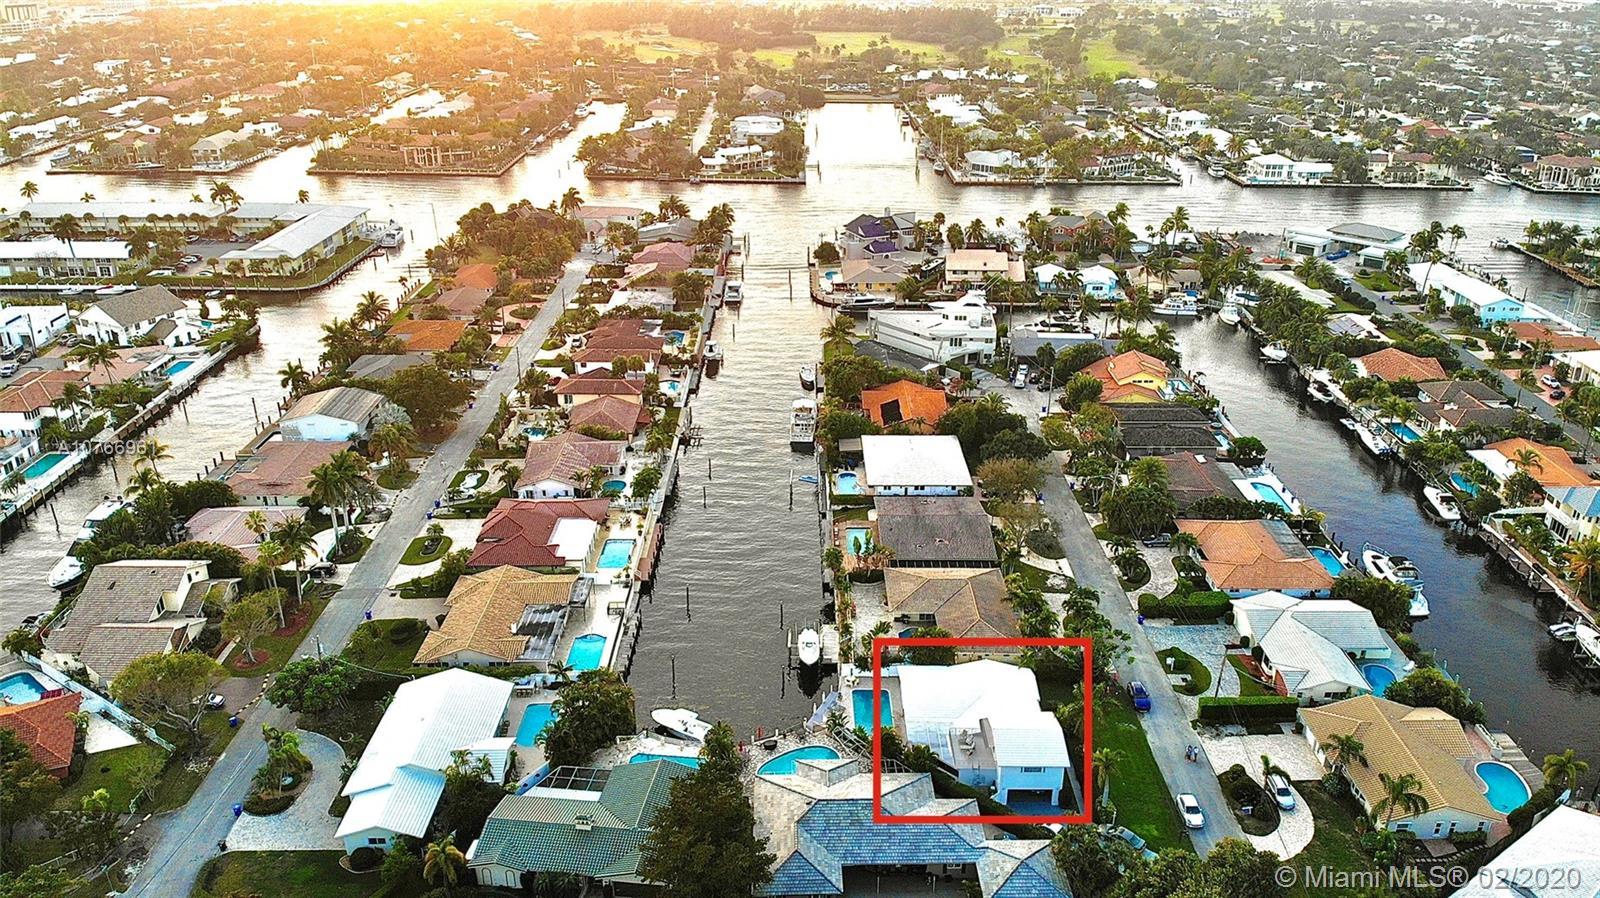 3324 NE 39th St, Fort Lauderdale, FL 33308 - Fort Lauderdale, FL real estate listing